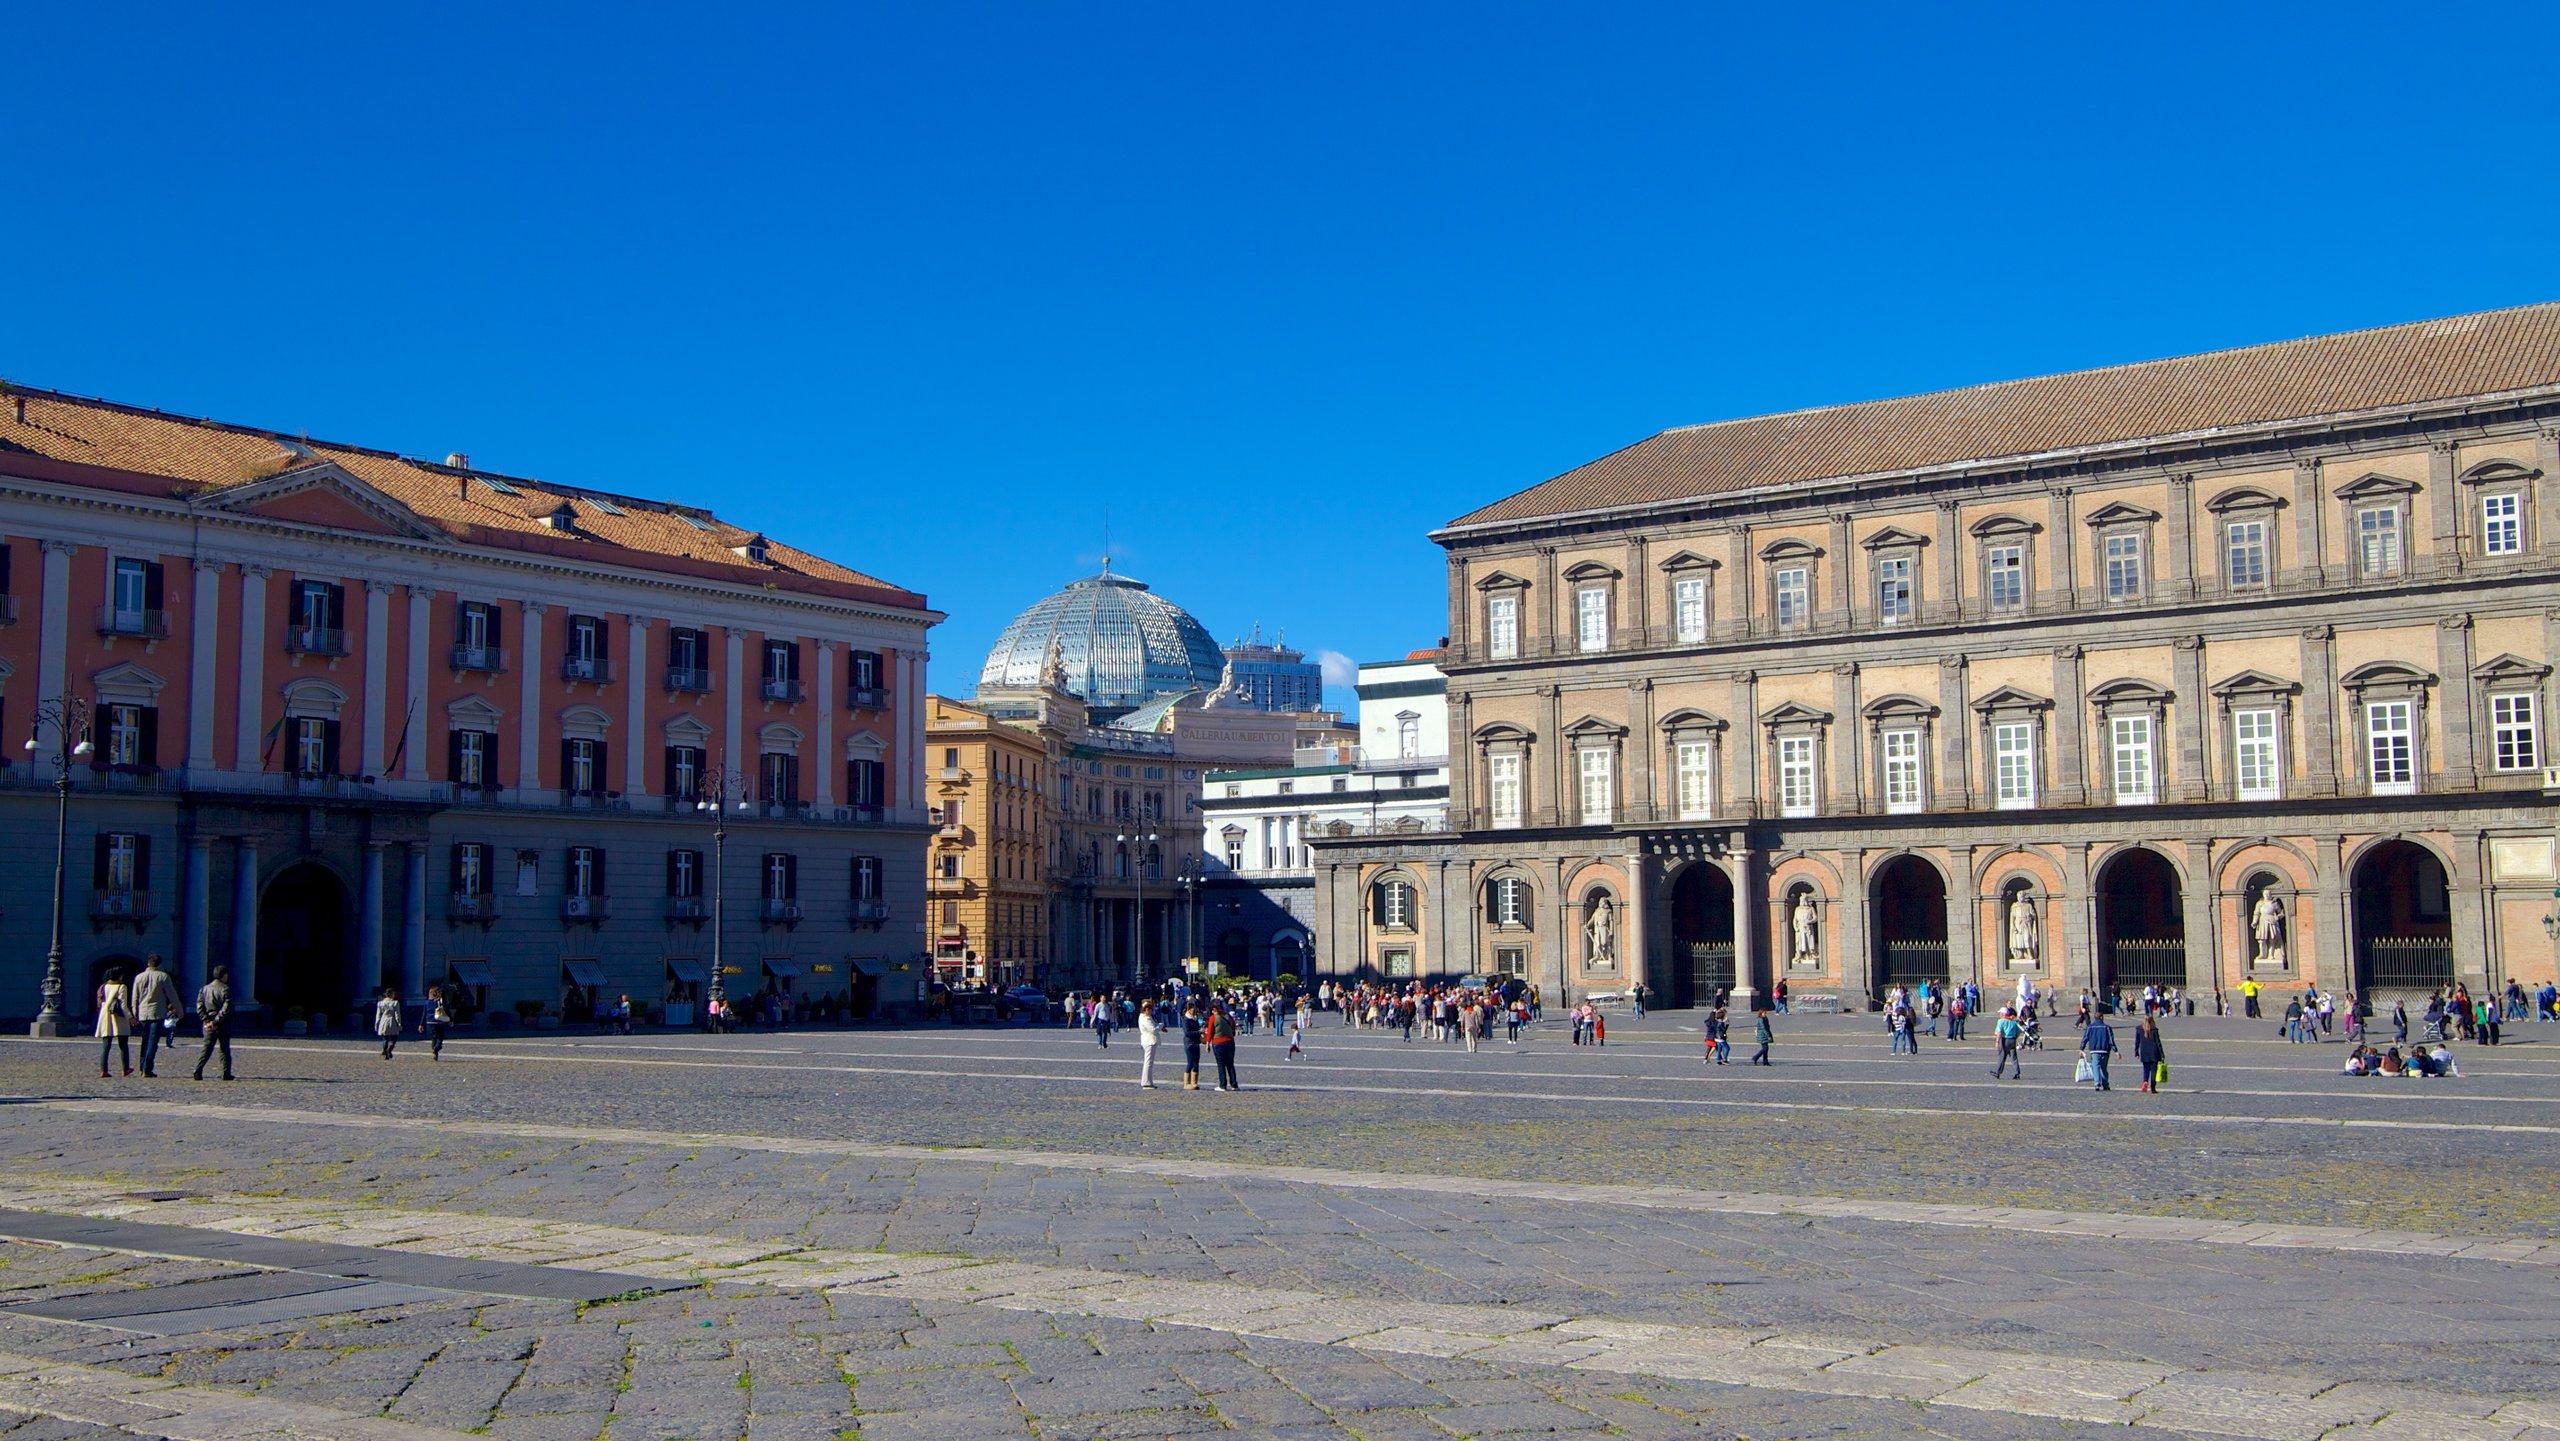 Prè, Genoa, Liguria, Italy